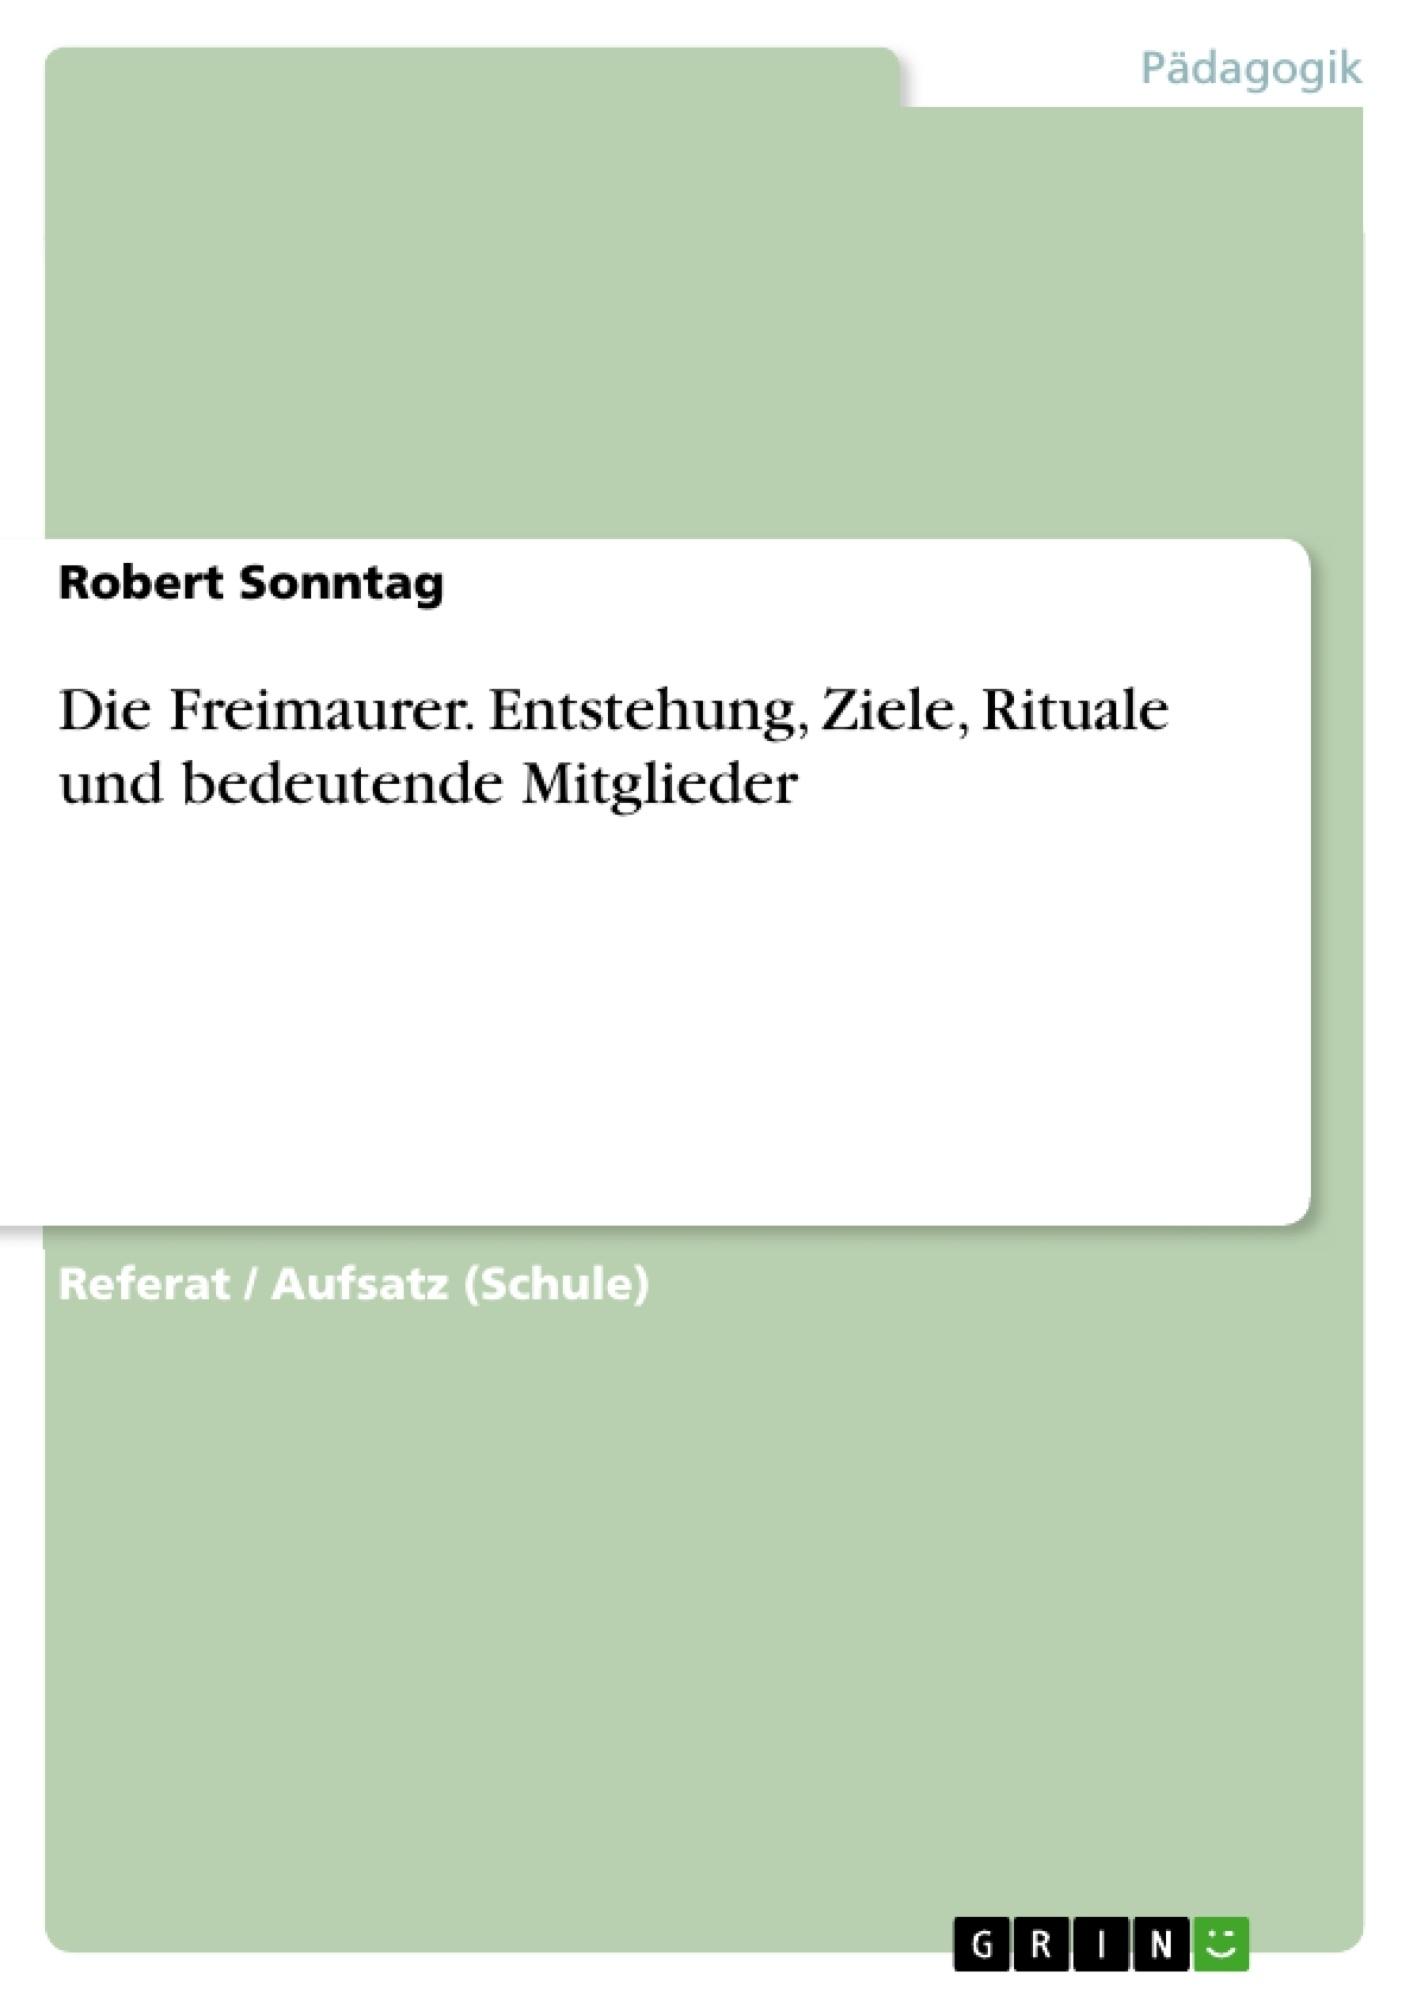 Titel: Die Freimaurer. Entstehung, Ziele, Rituale und bedeutende Mitglieder